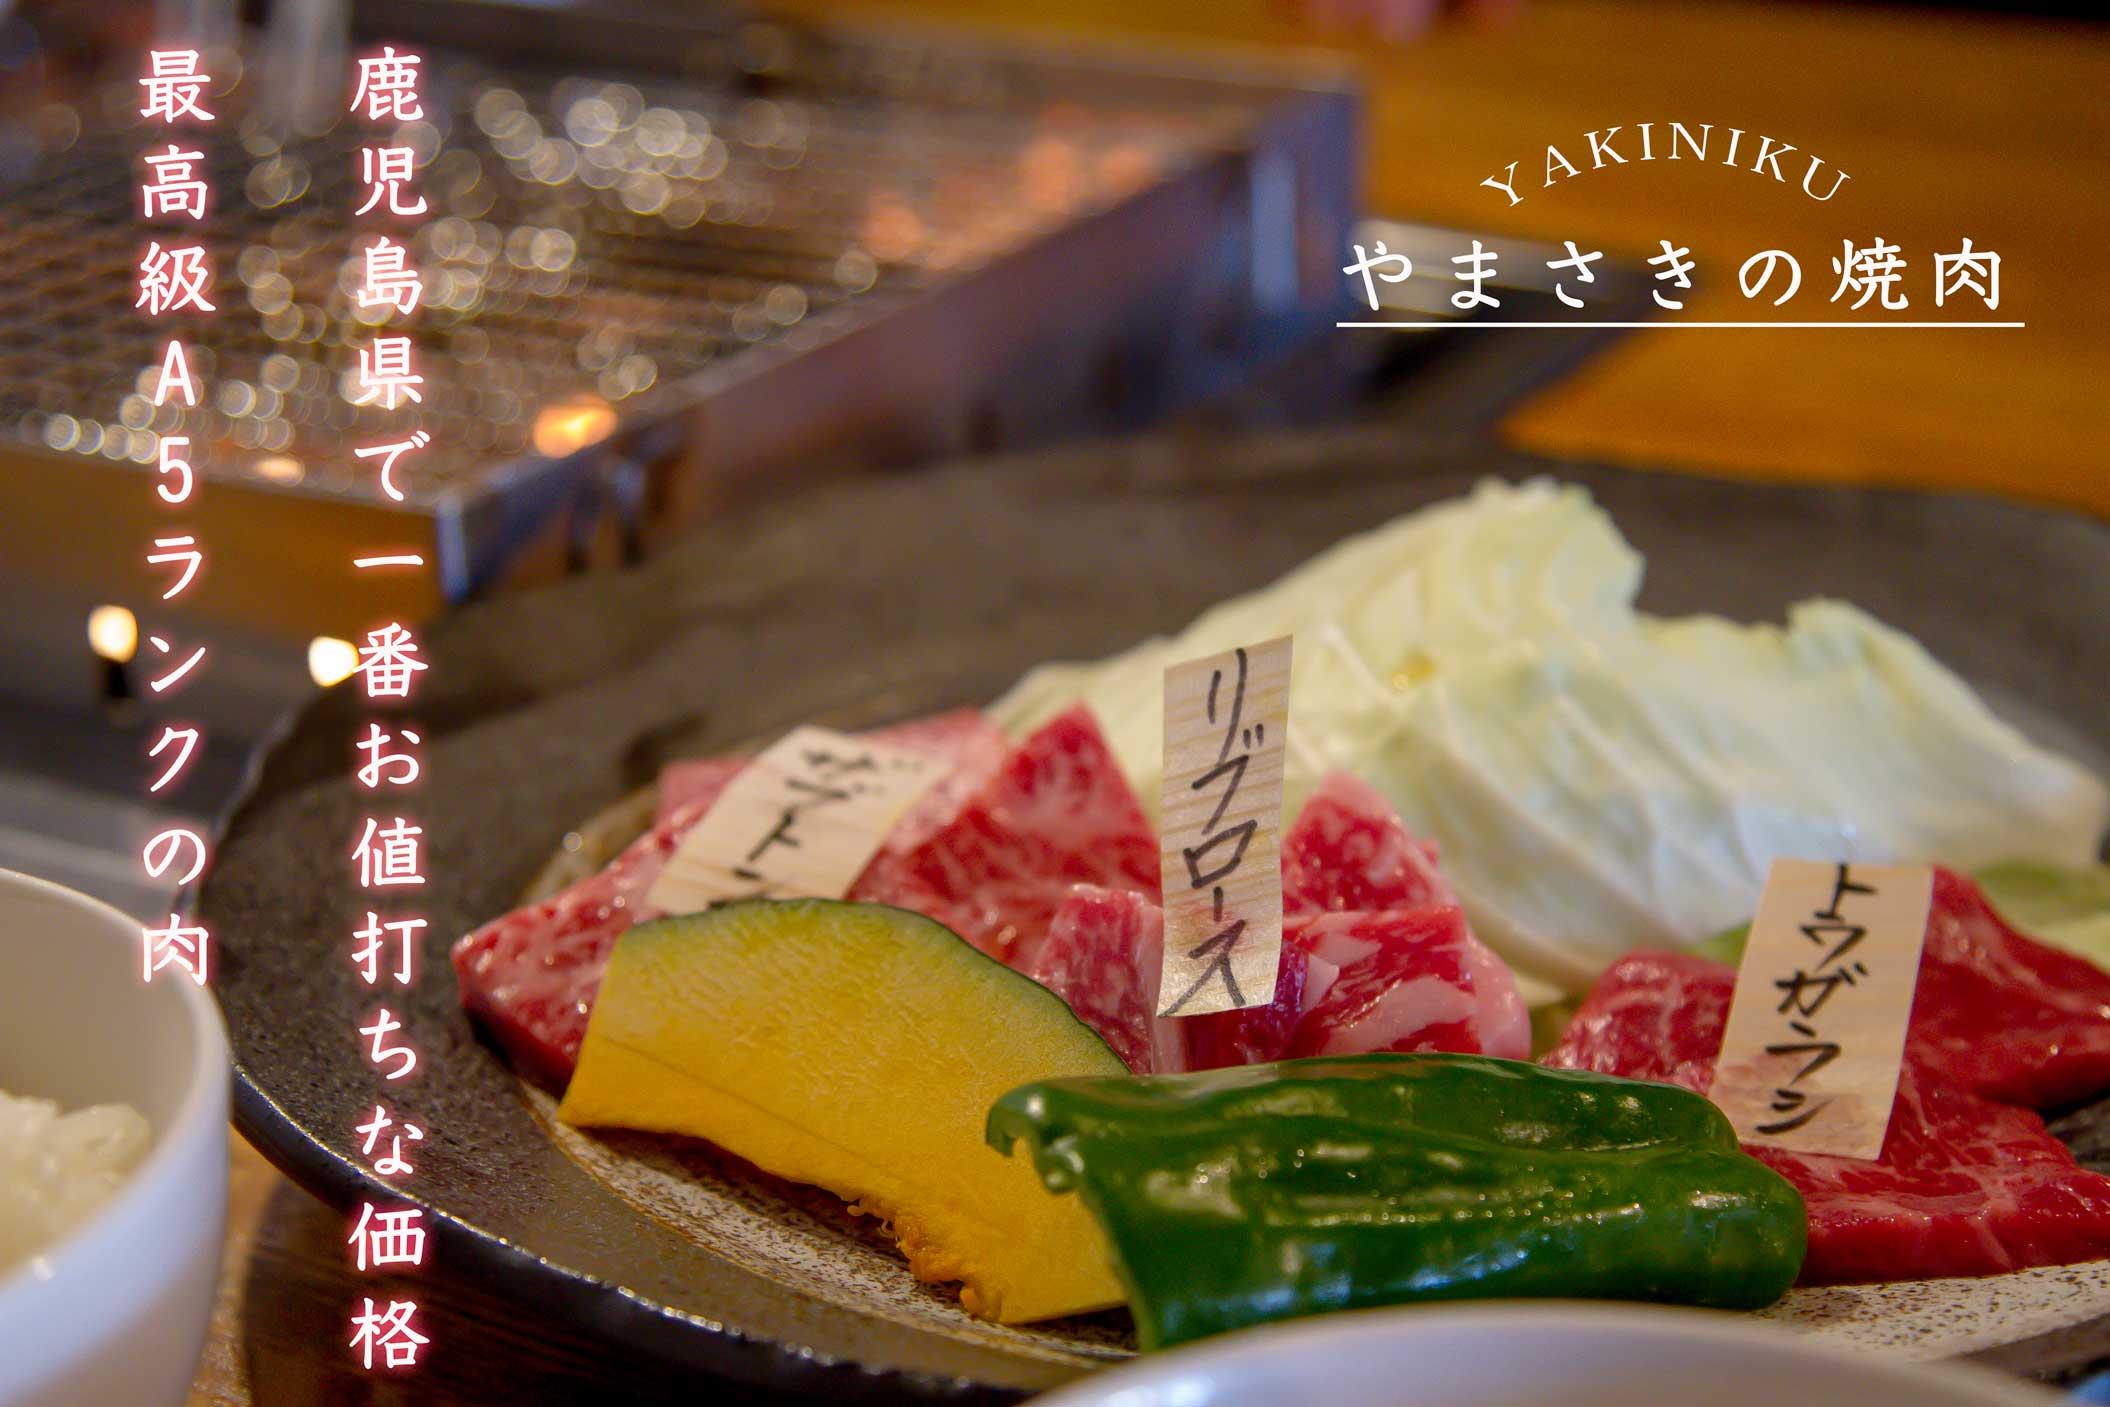 「絶品」鹿児島でA5ランクの焼肉のお店!やまさきの焼肉がおすすめ!